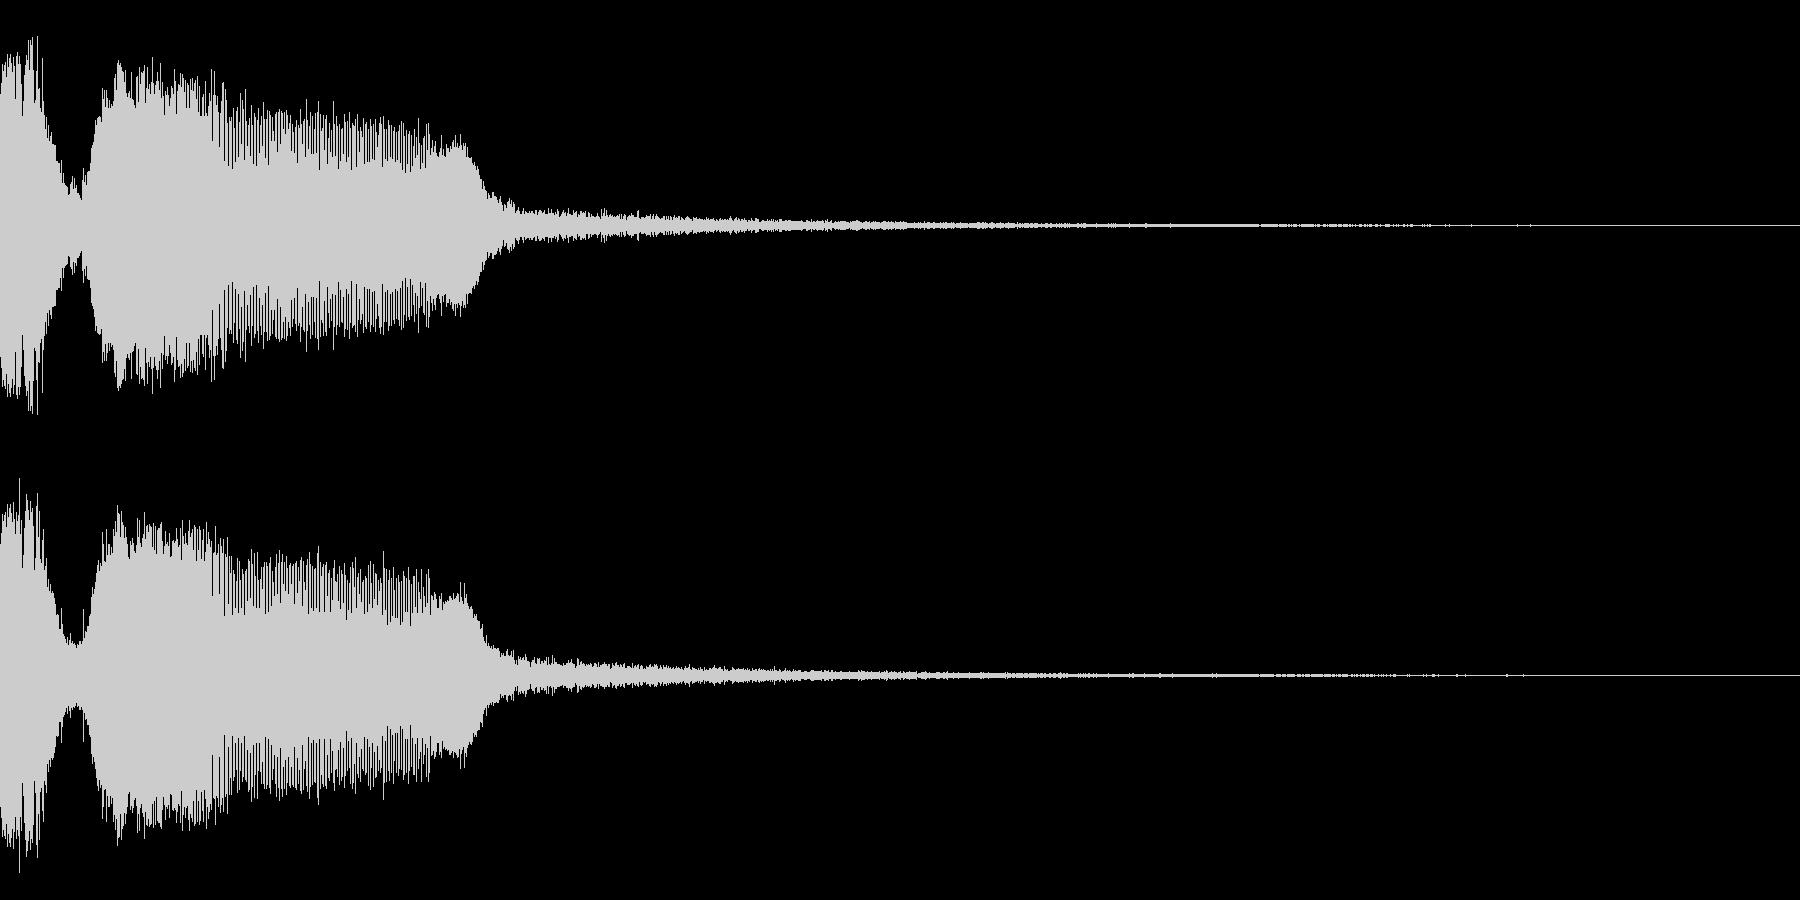 DJFX ヒットチャート発表前SE 12の未再生の波形